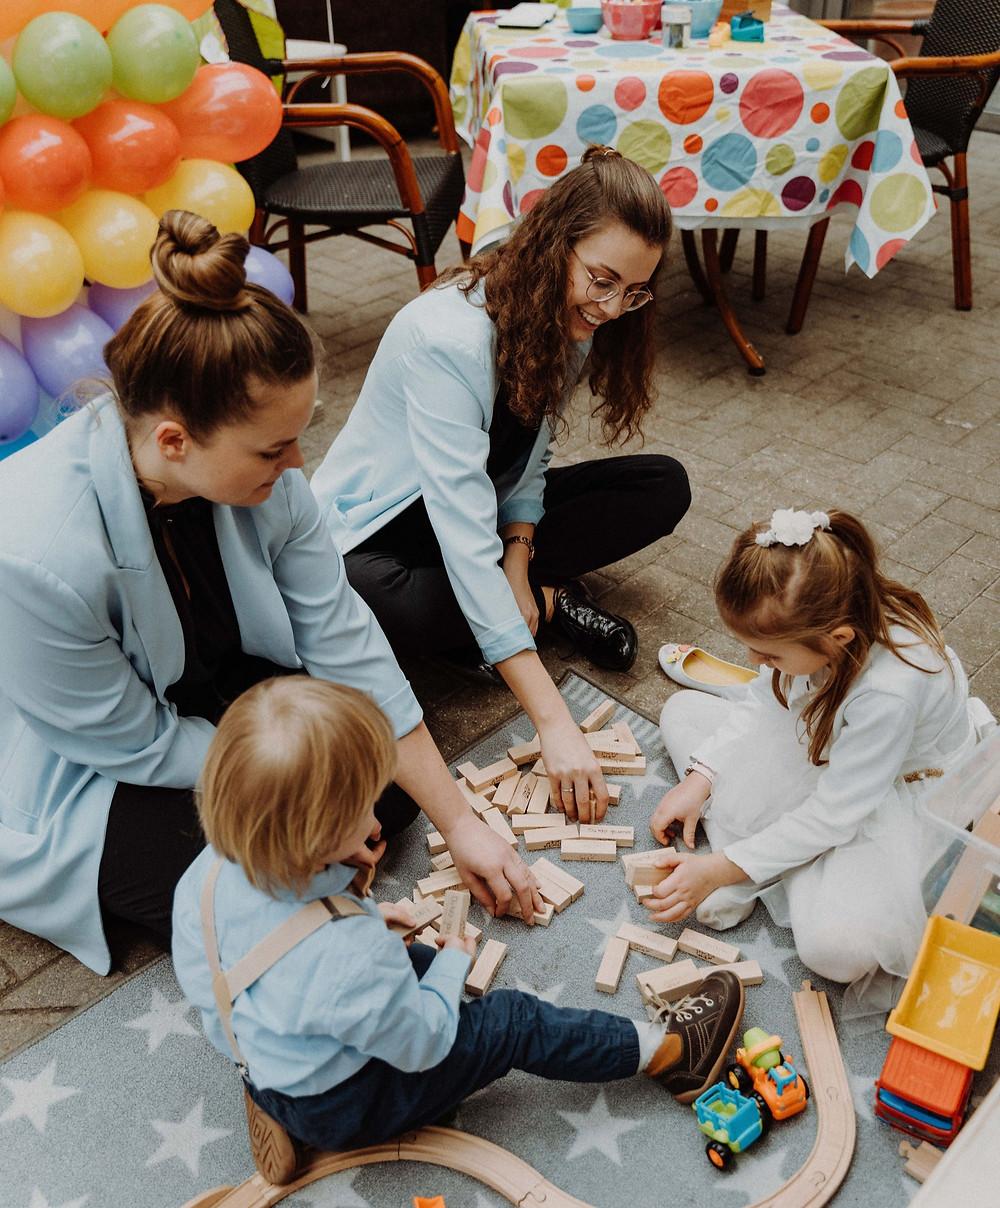 Kinderbetreuung Hamburg Betreuung für Kinder in Hamburg mylocalwedding Hochzeit